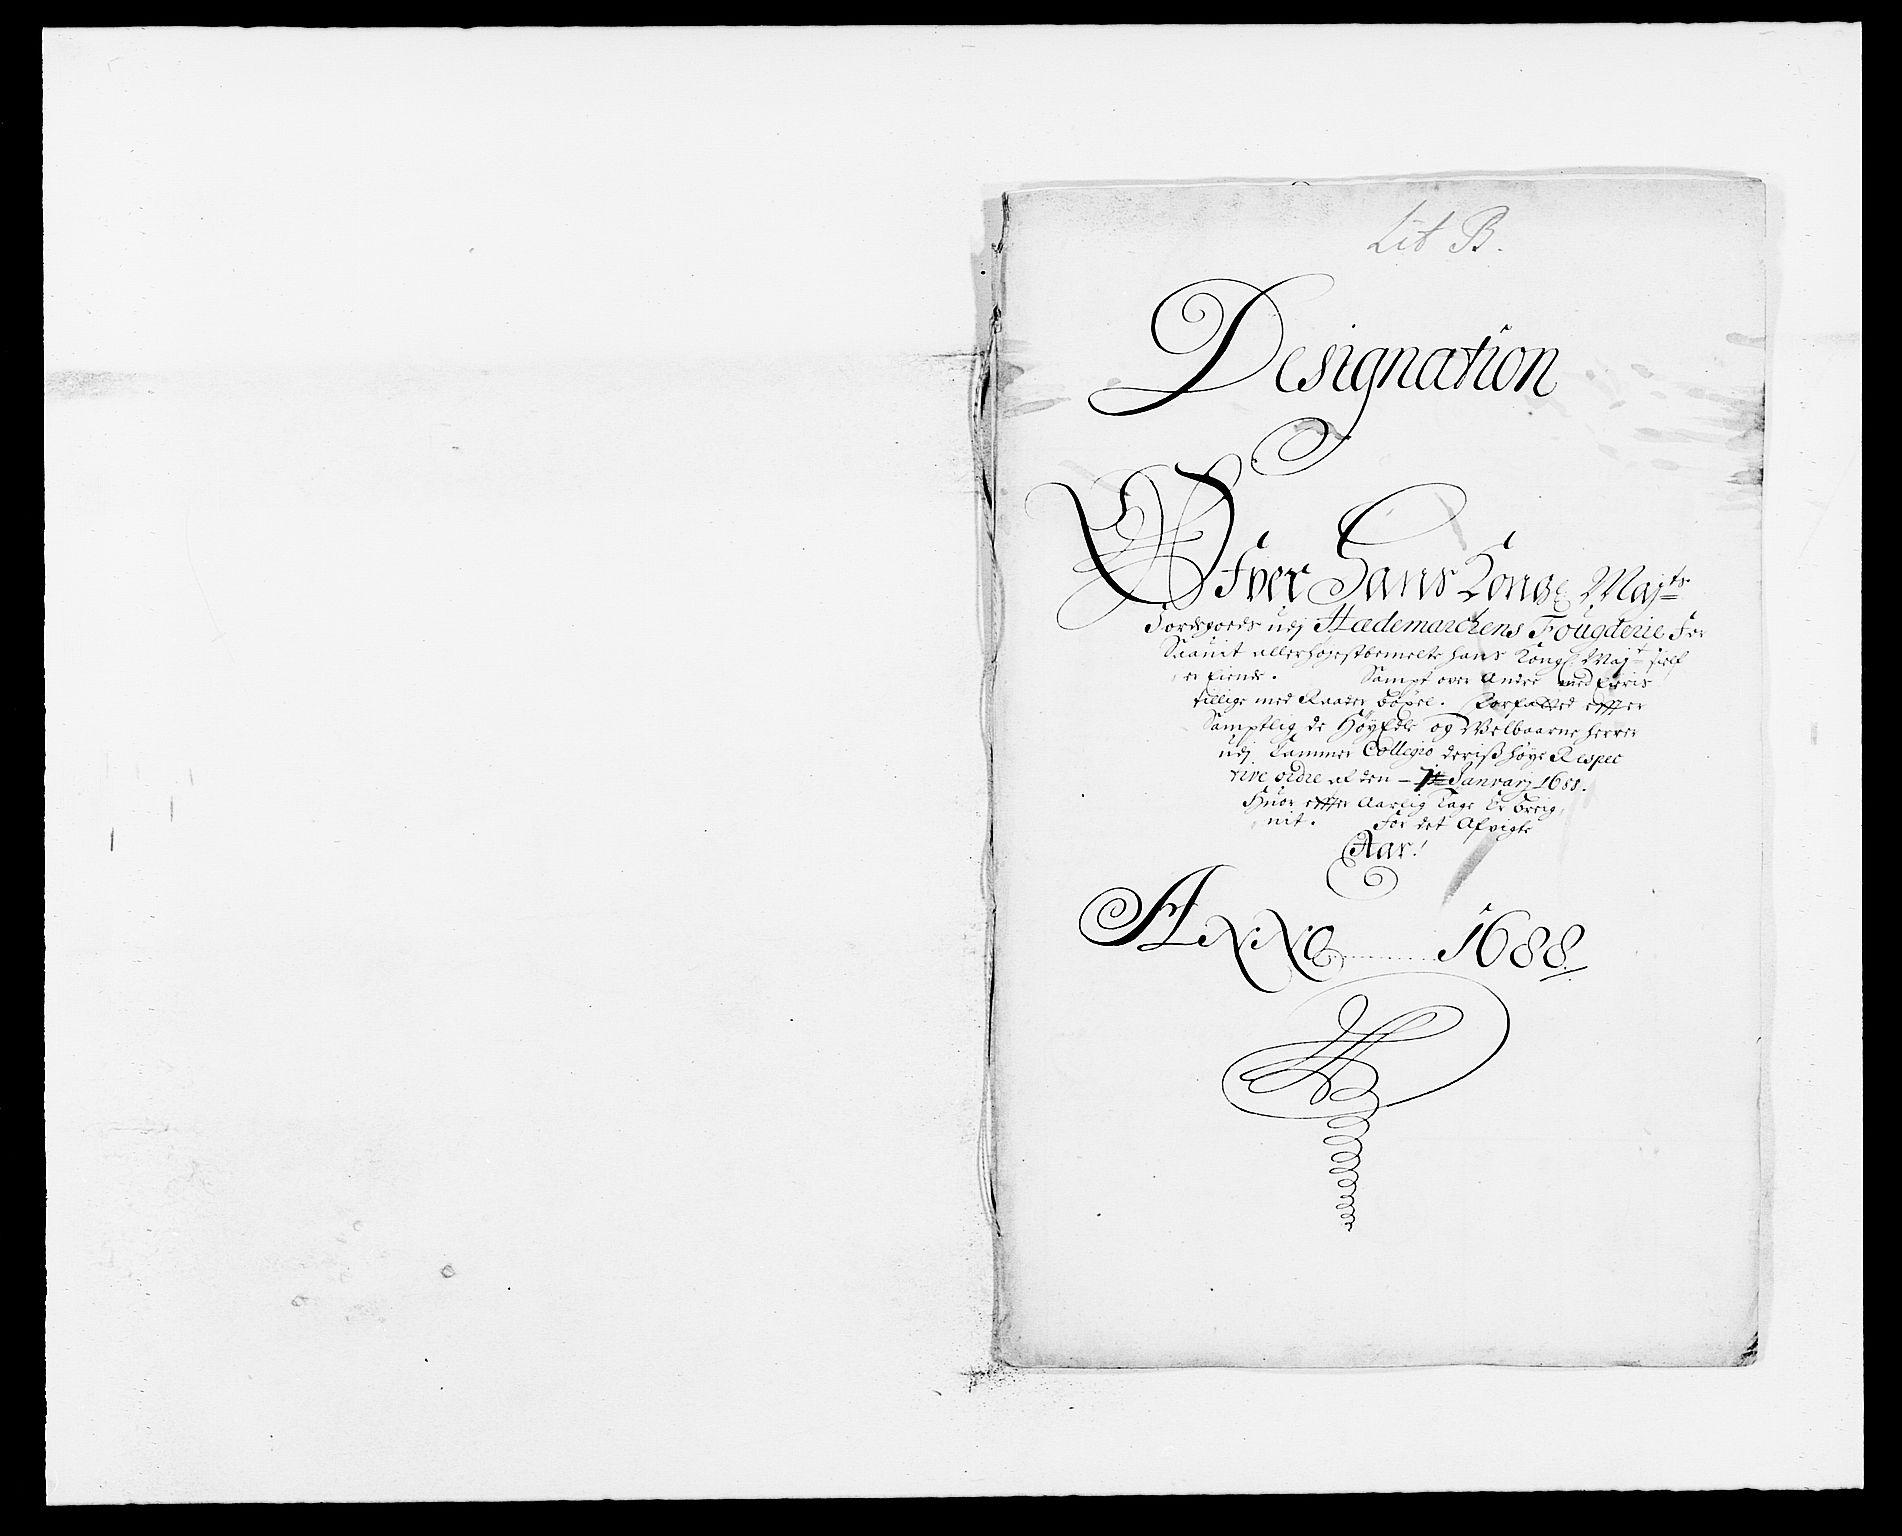 RA, Rentekammeret inntil 1814, Reviderte regnskaper, Fogderegnskap, R16/L1029: Fogderegnskap Hedmark, 1688, s. 222